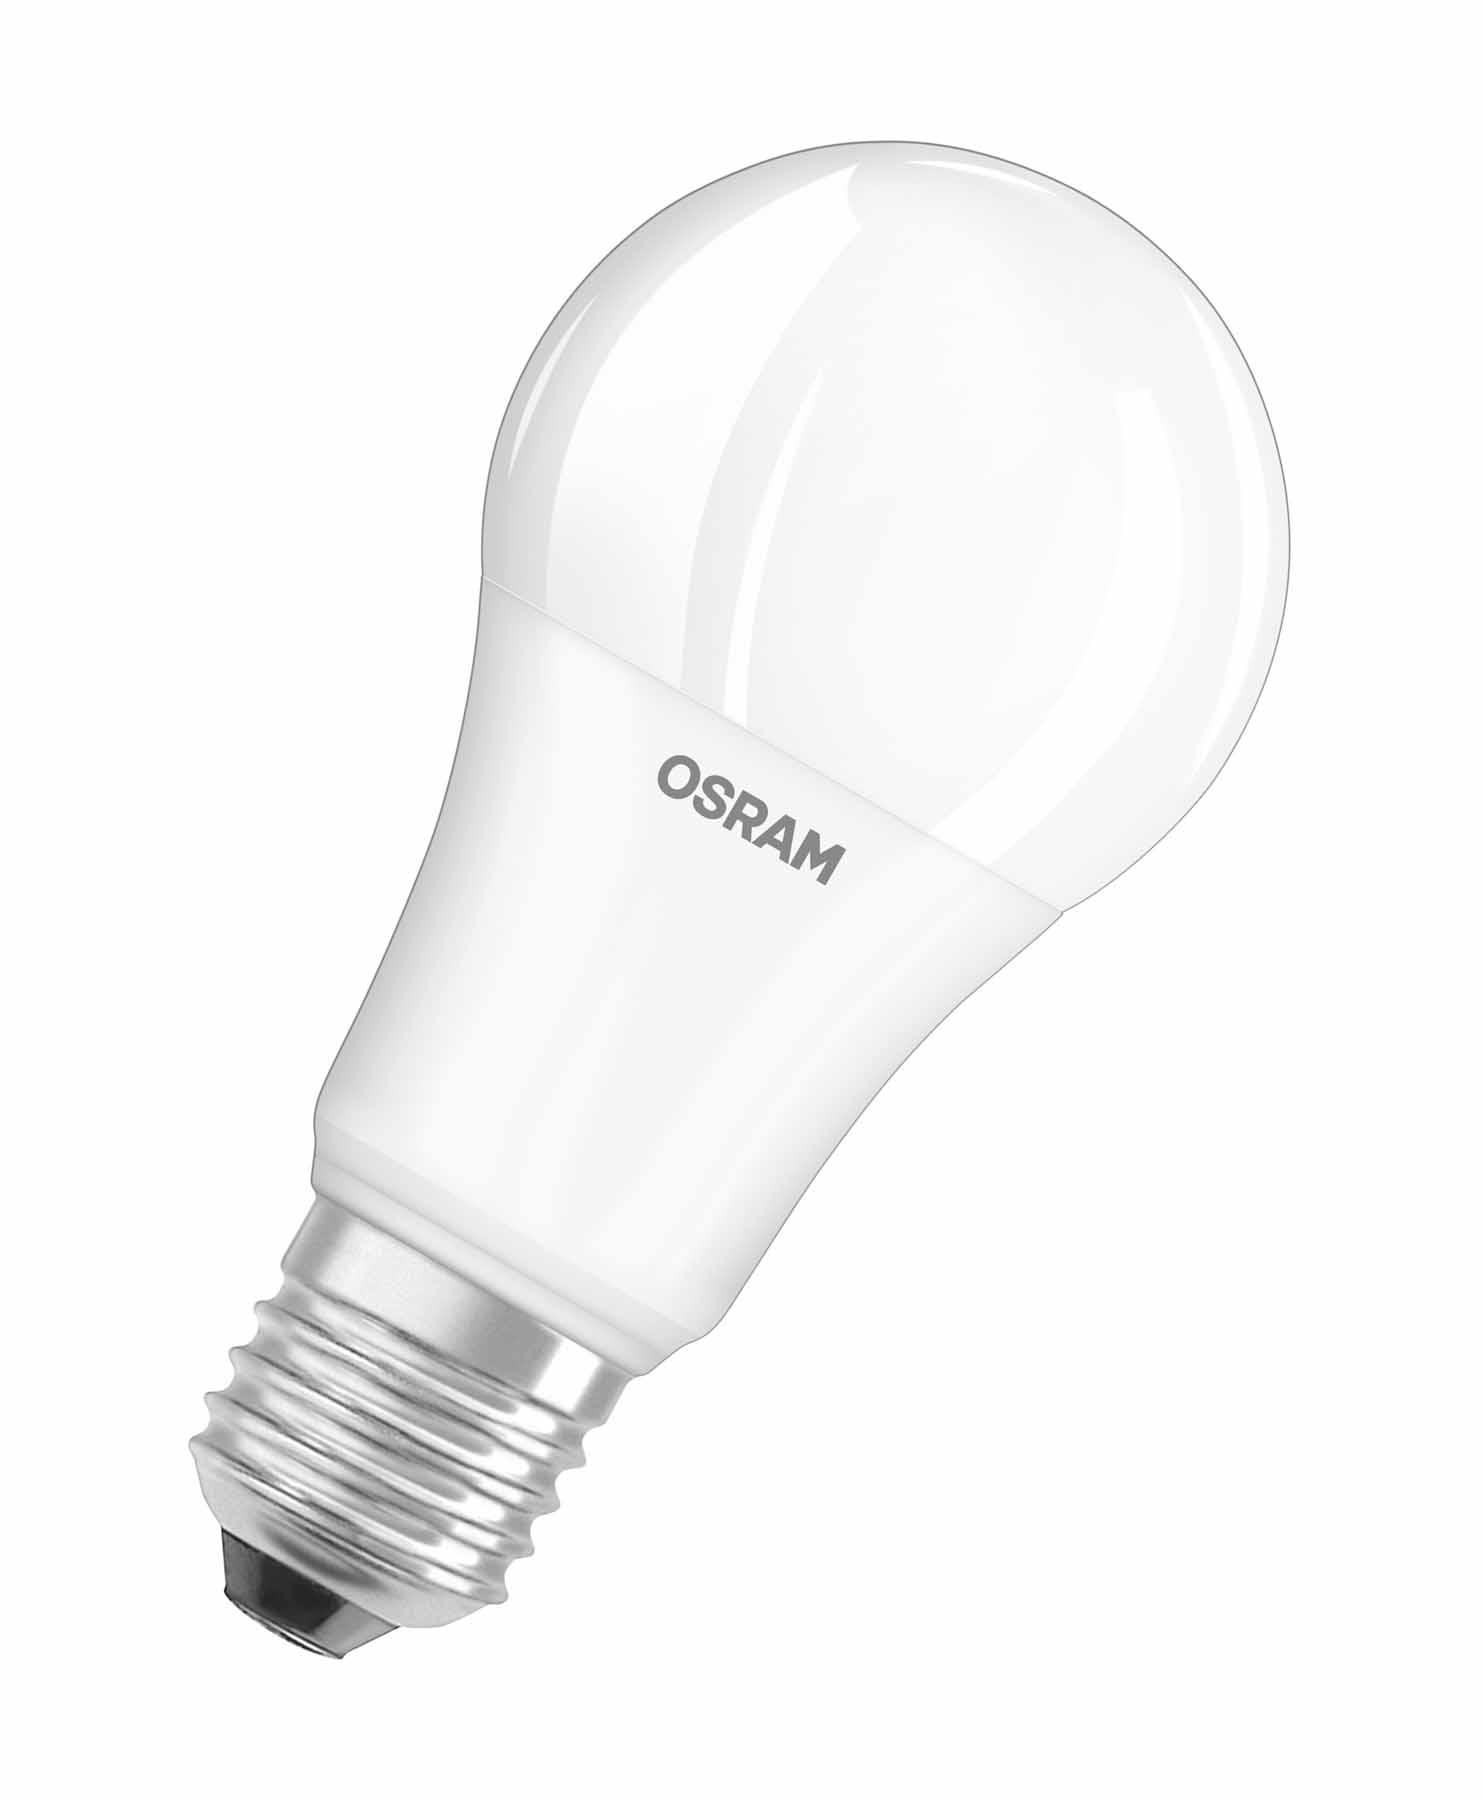 10436-OSRAM-LED-STAR-CLASSIC-A-100-E27-13W-wie-100-Watt-1522-Lumen-warm-weiss-2700K-1 Wunderschöne Led Lampen 100 Watt Dekorationen